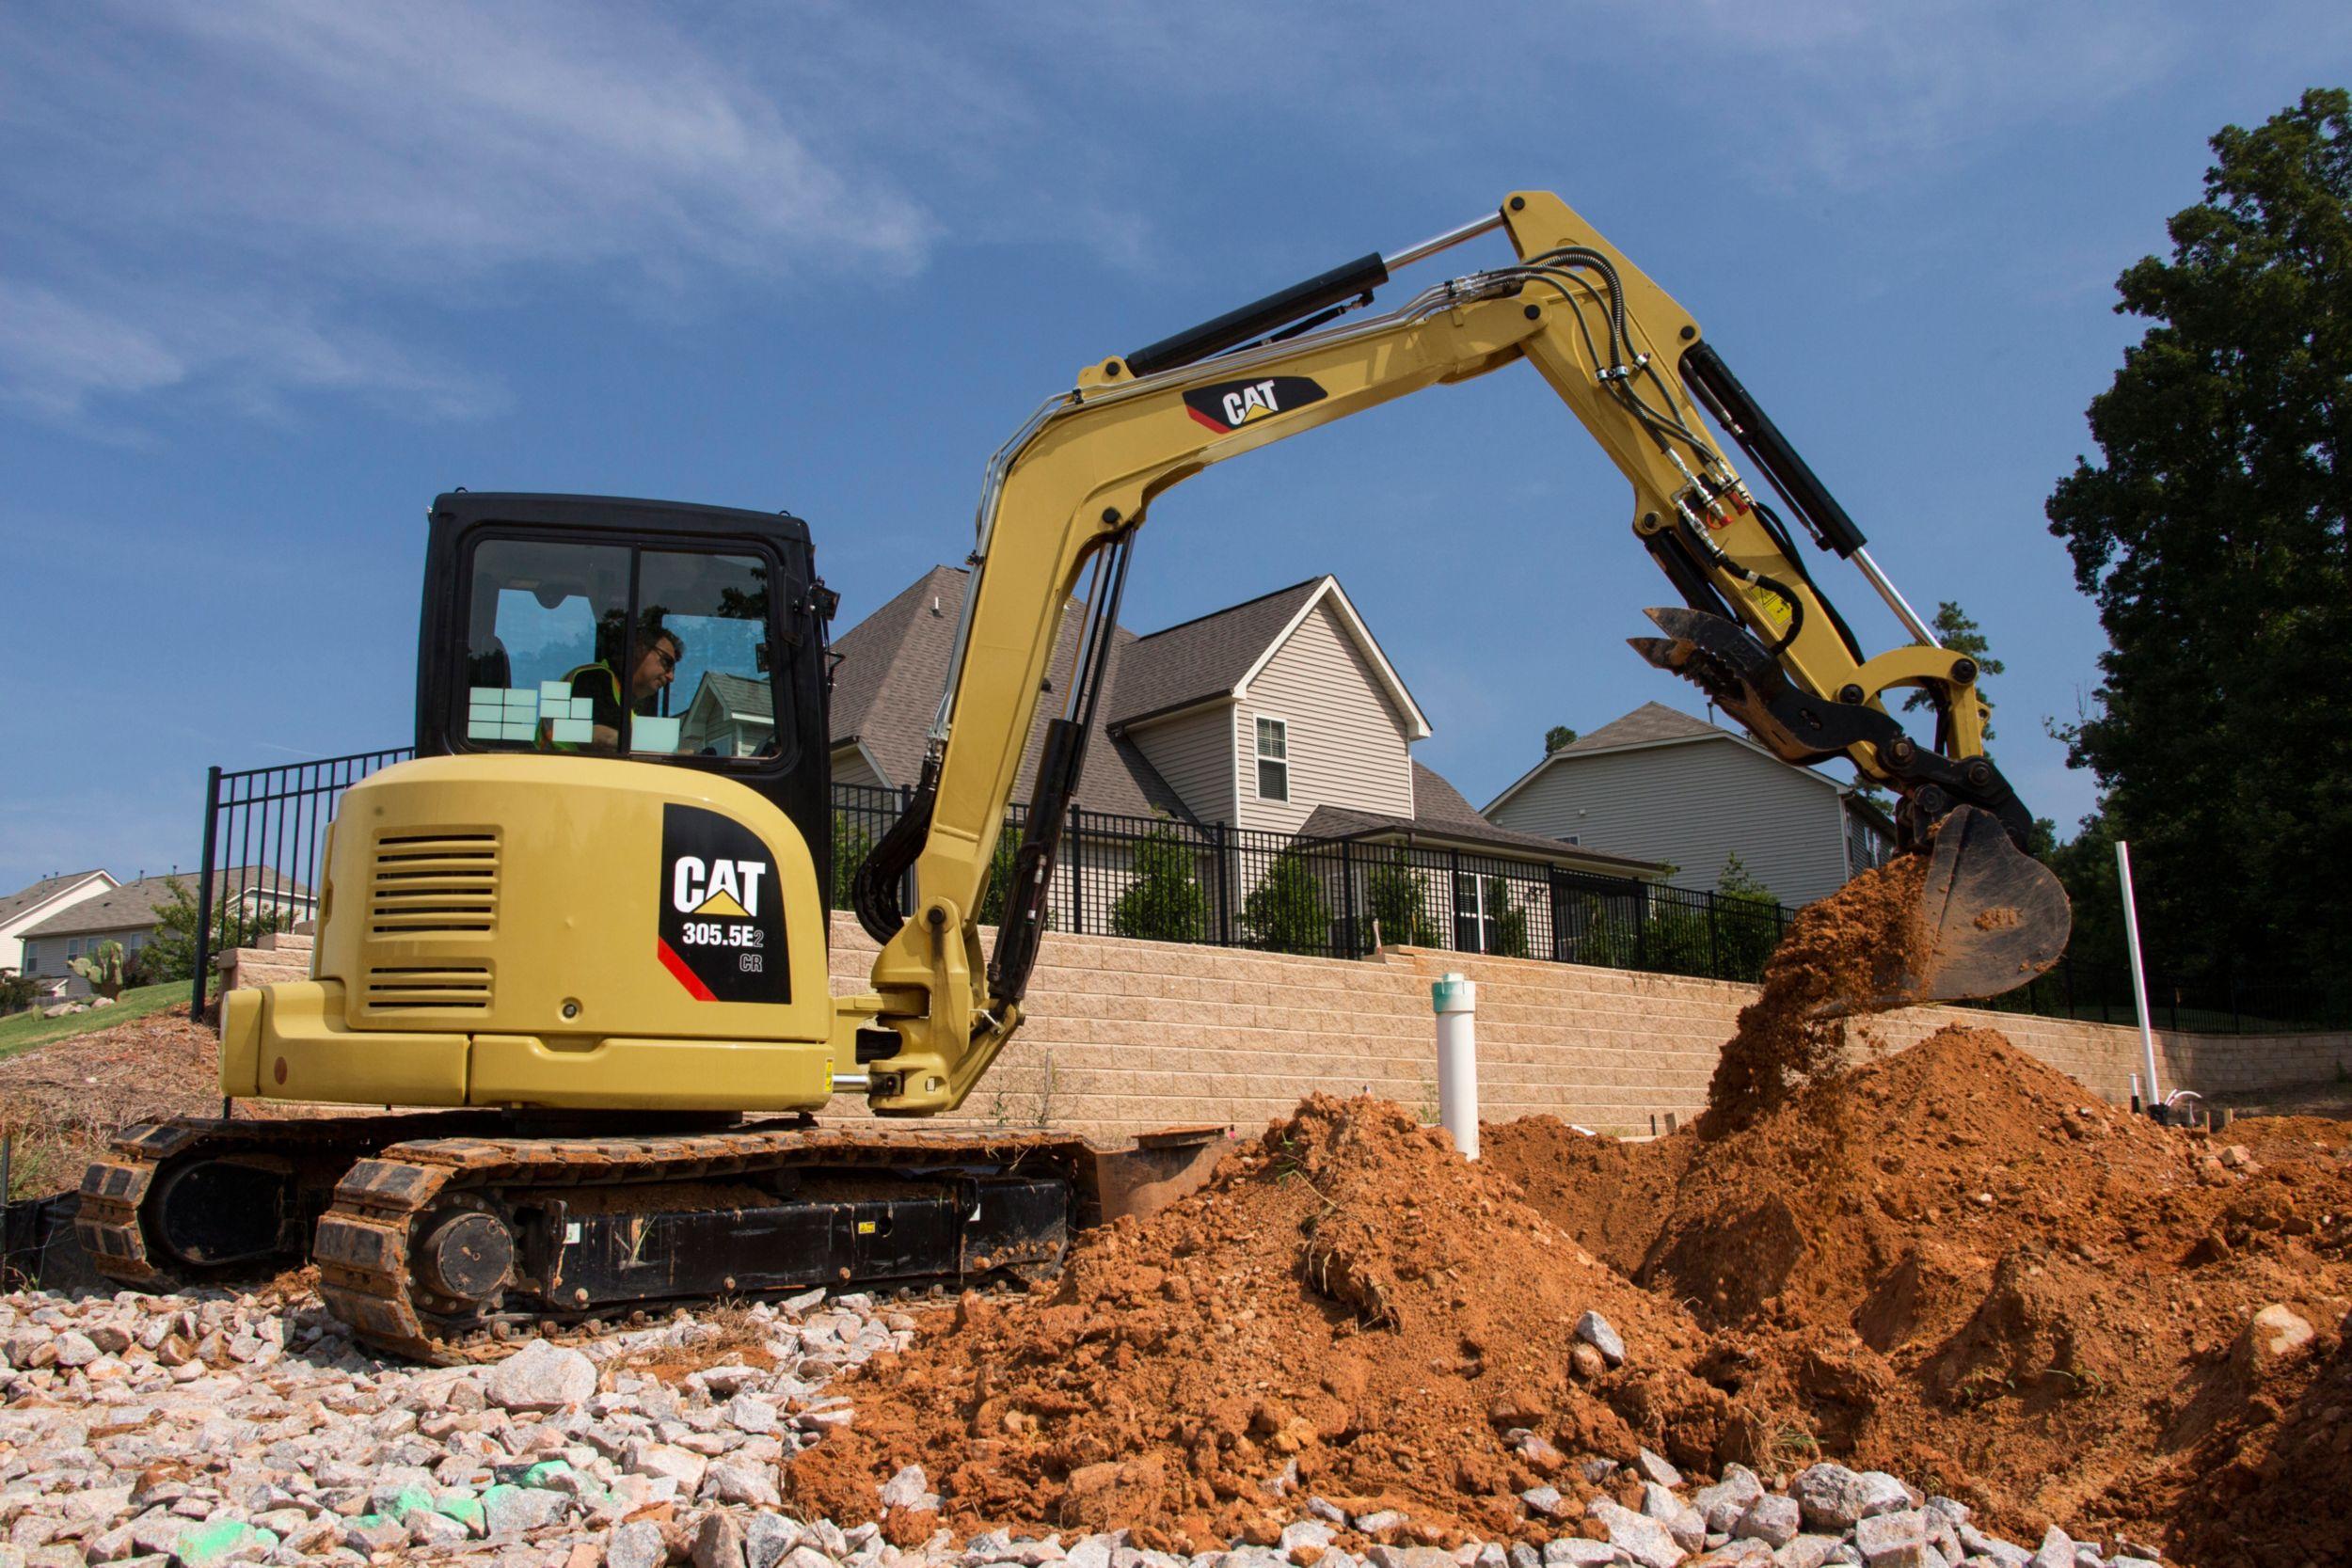 305 5e2 Cr Mini Excavator With Swing Boom Cat Caterpillar